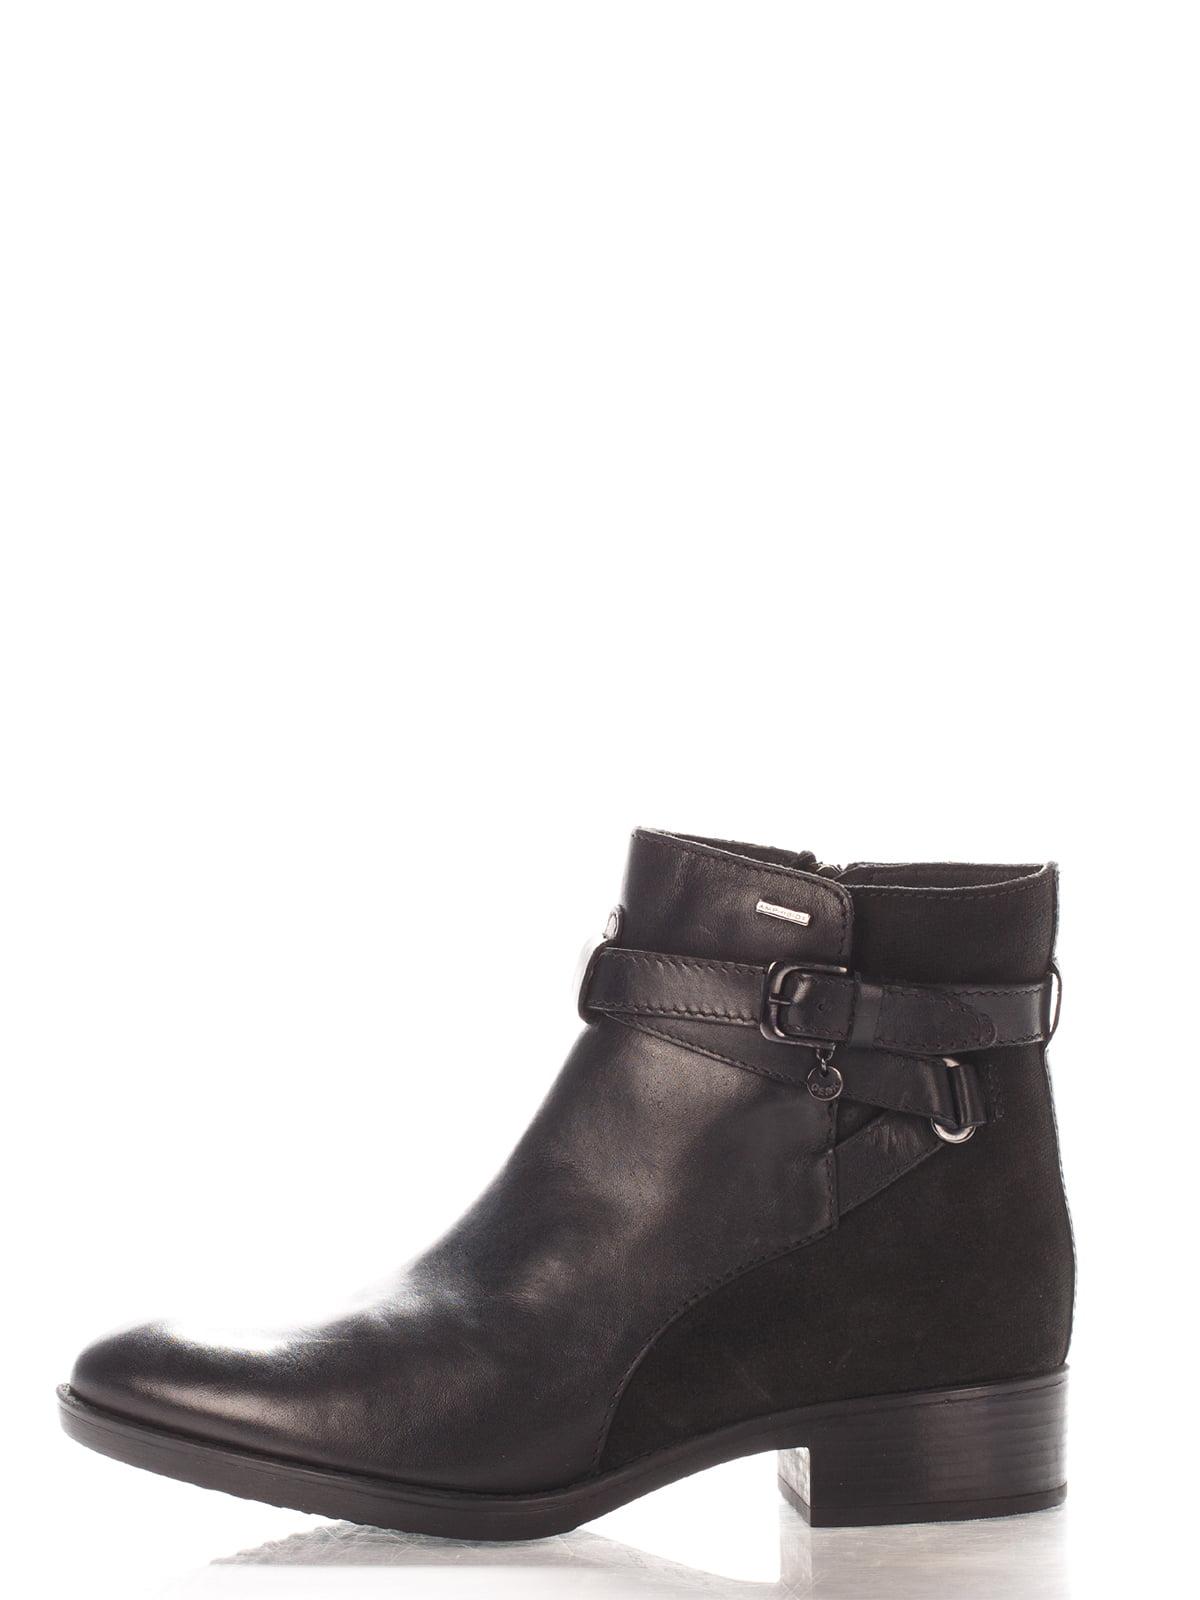 Ботинки черные | 4103931 | фото 2